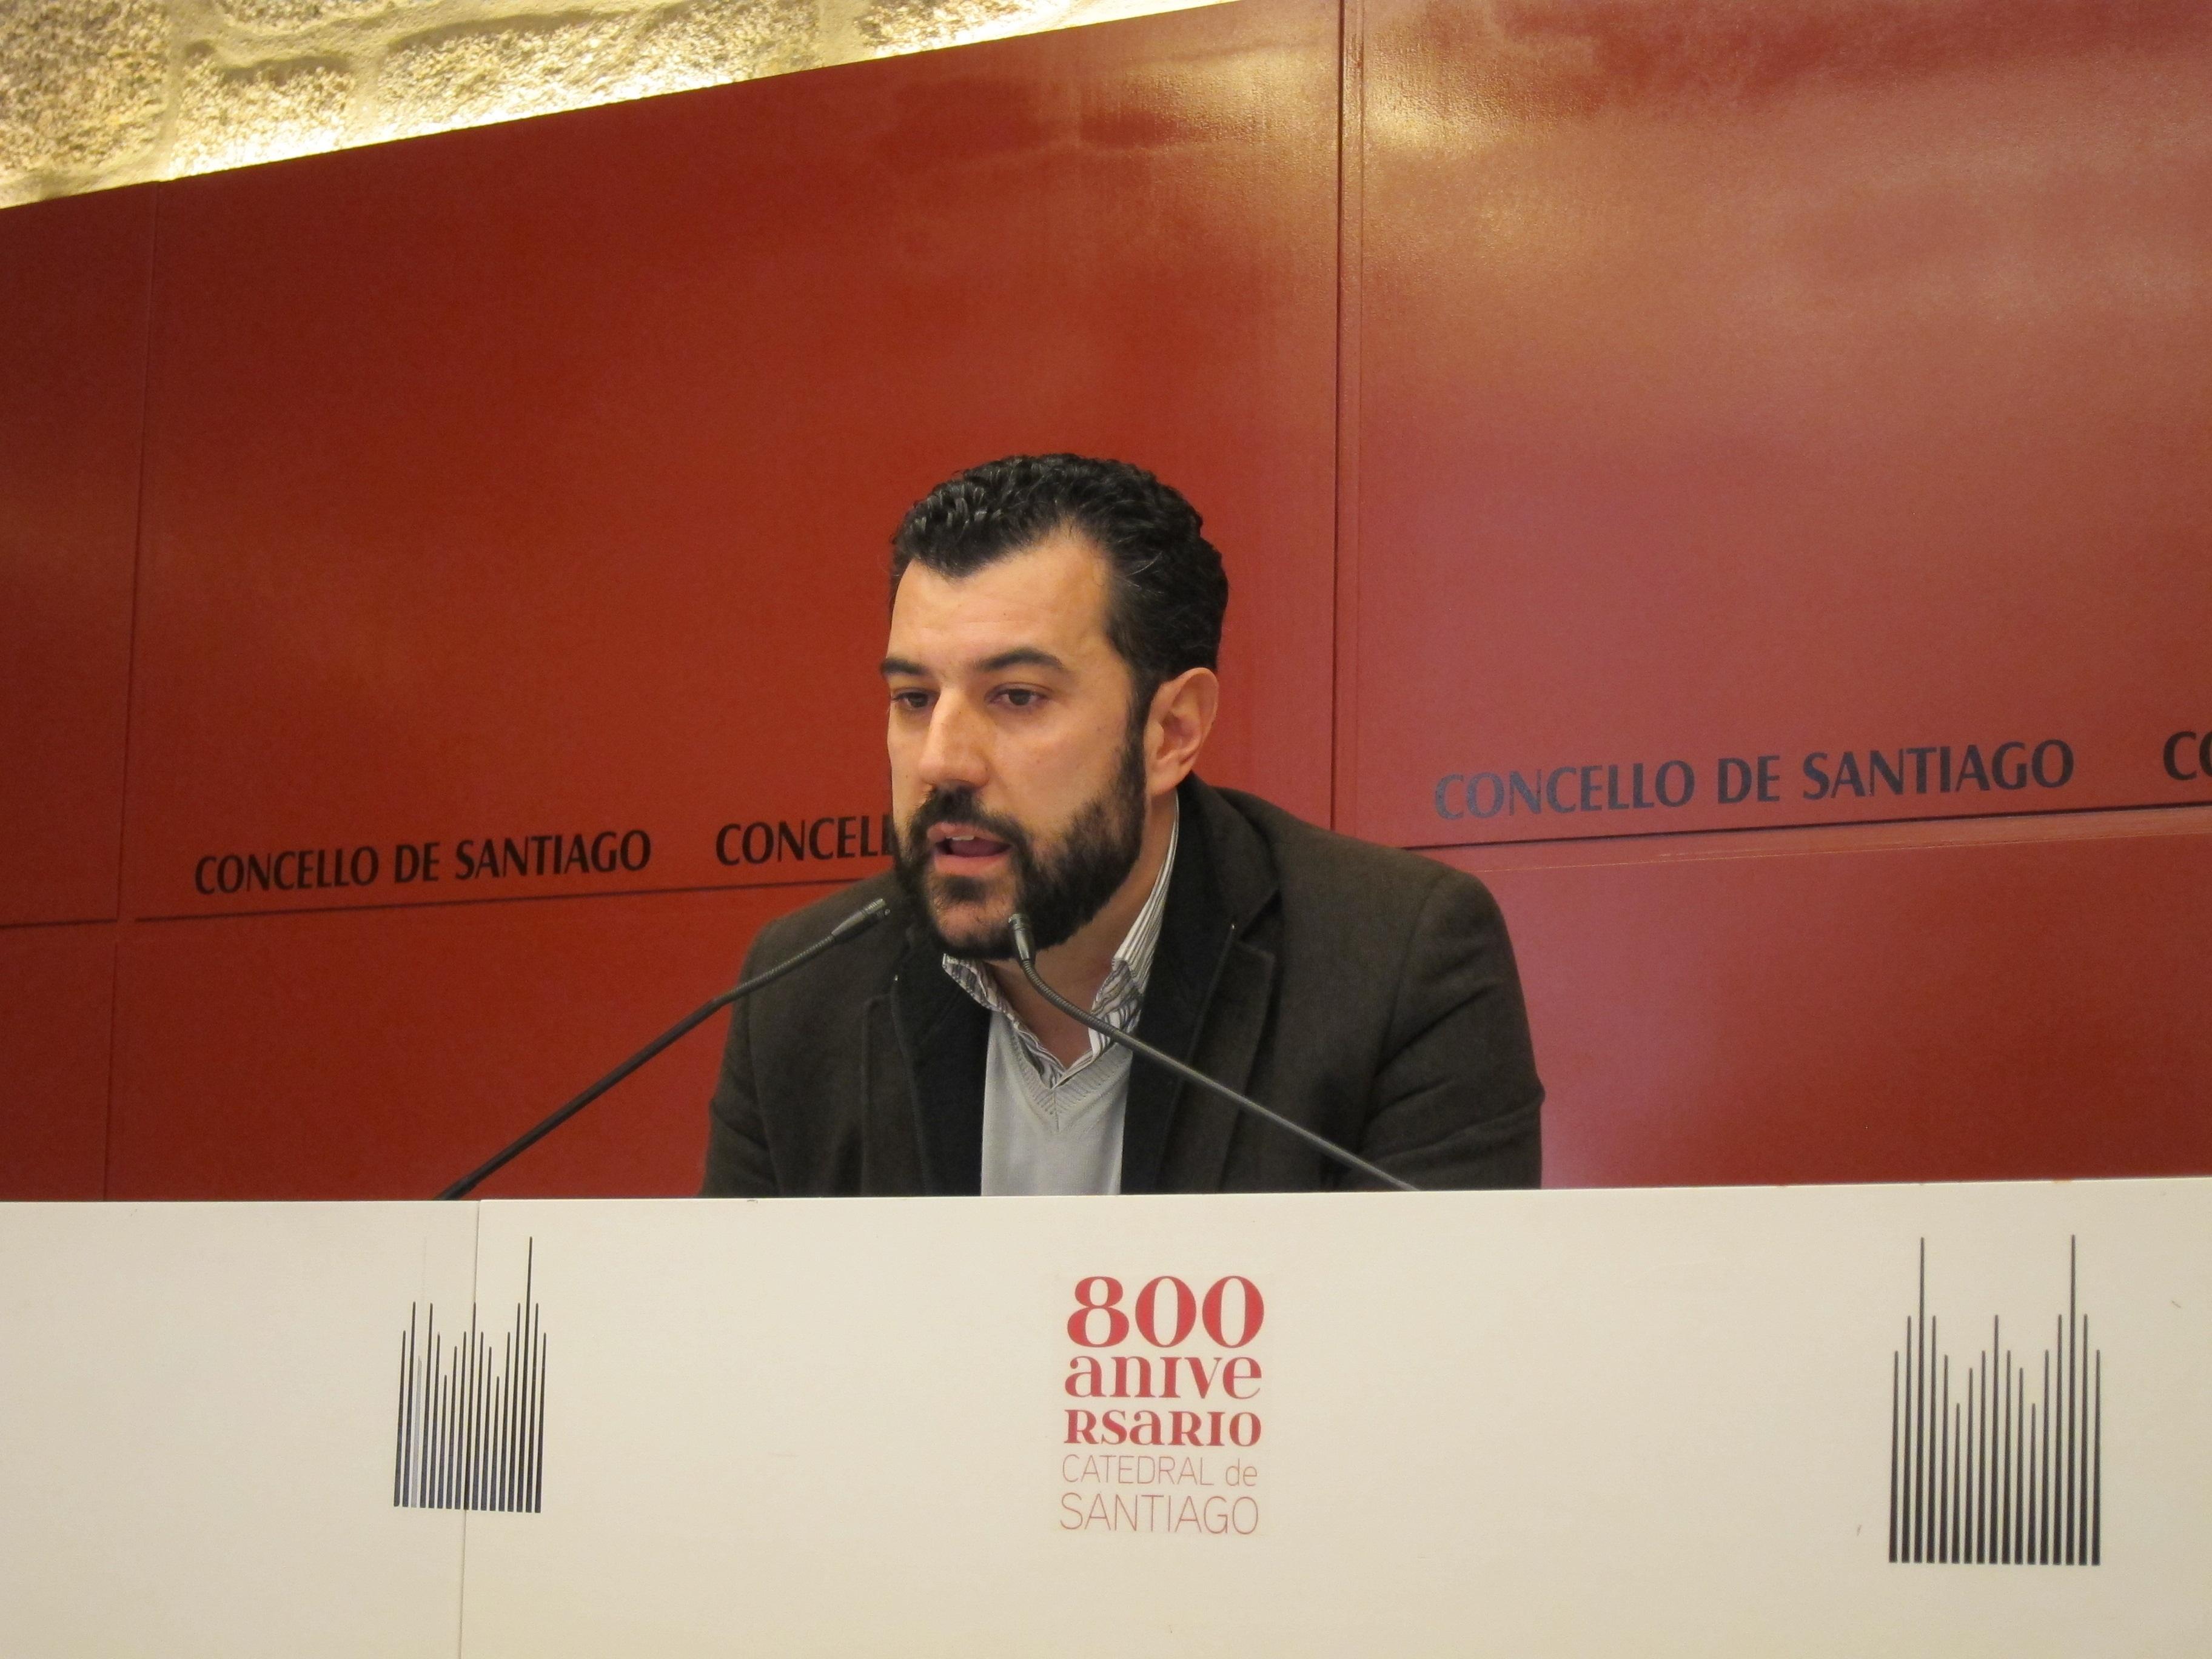 El concejal de Santiago Francisco Noya dice que no hay «nada que temer» por la declaración de Juan de la Fuente